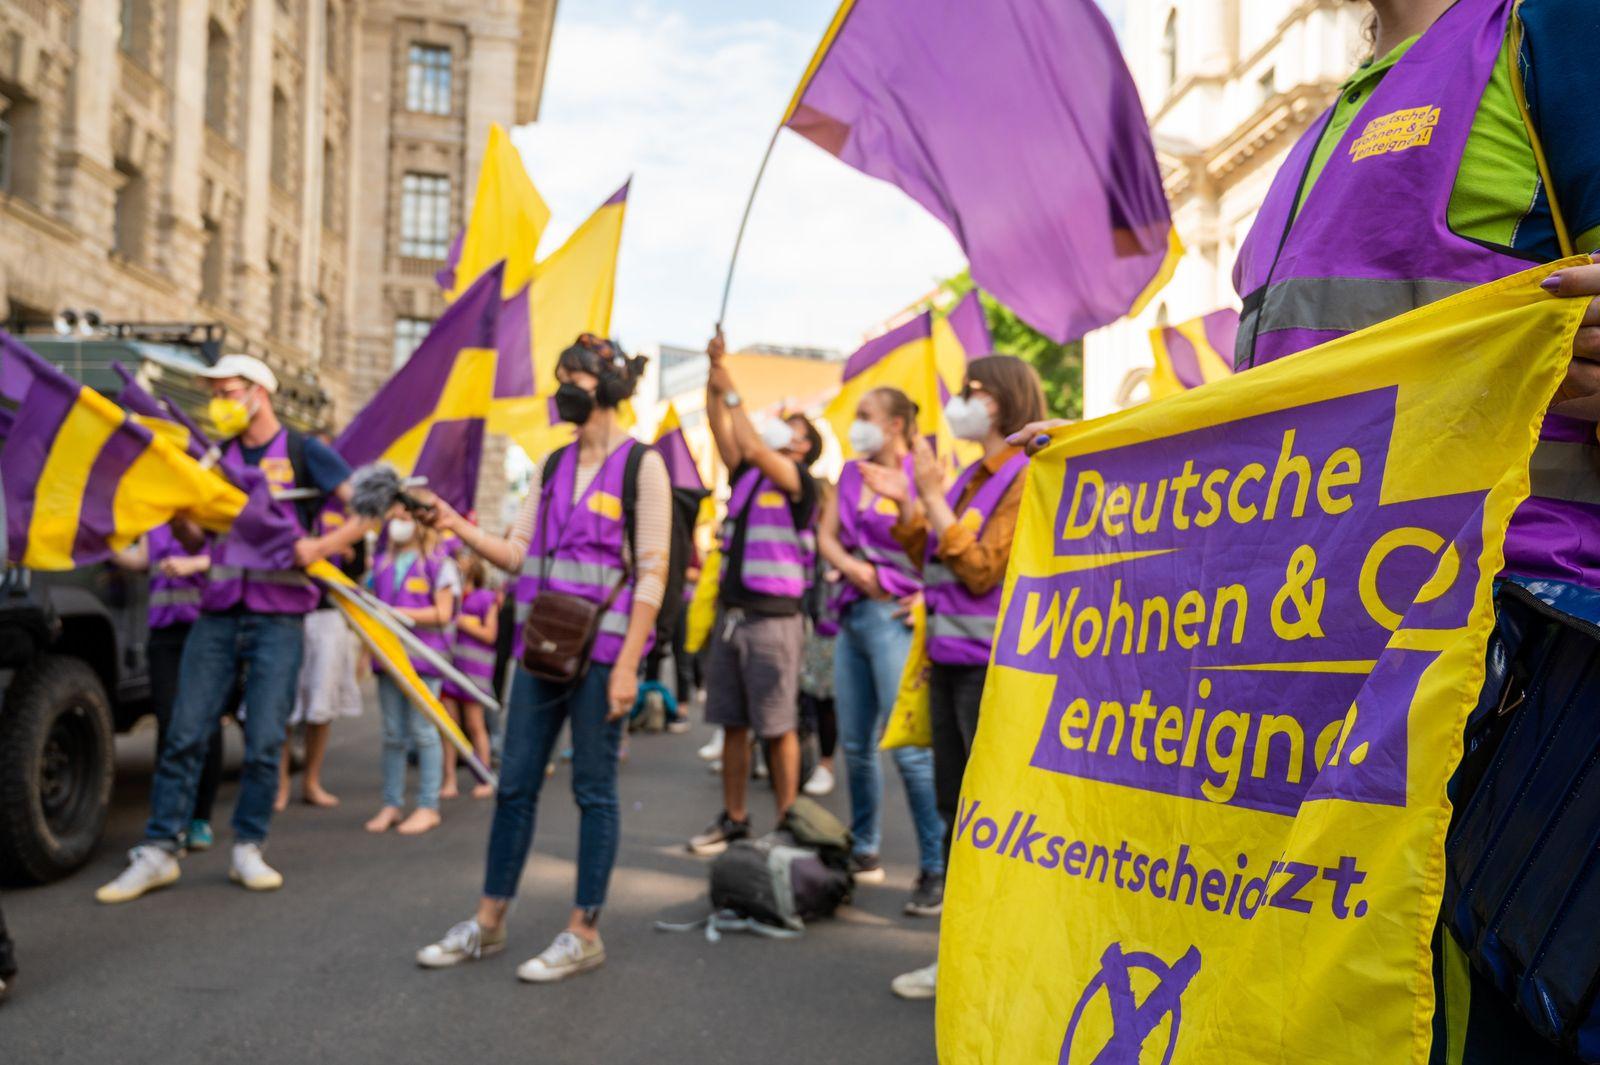 """Initiative """"Deutsche Wohnen & Co. enteignen"""" beendet Unterschrift"""